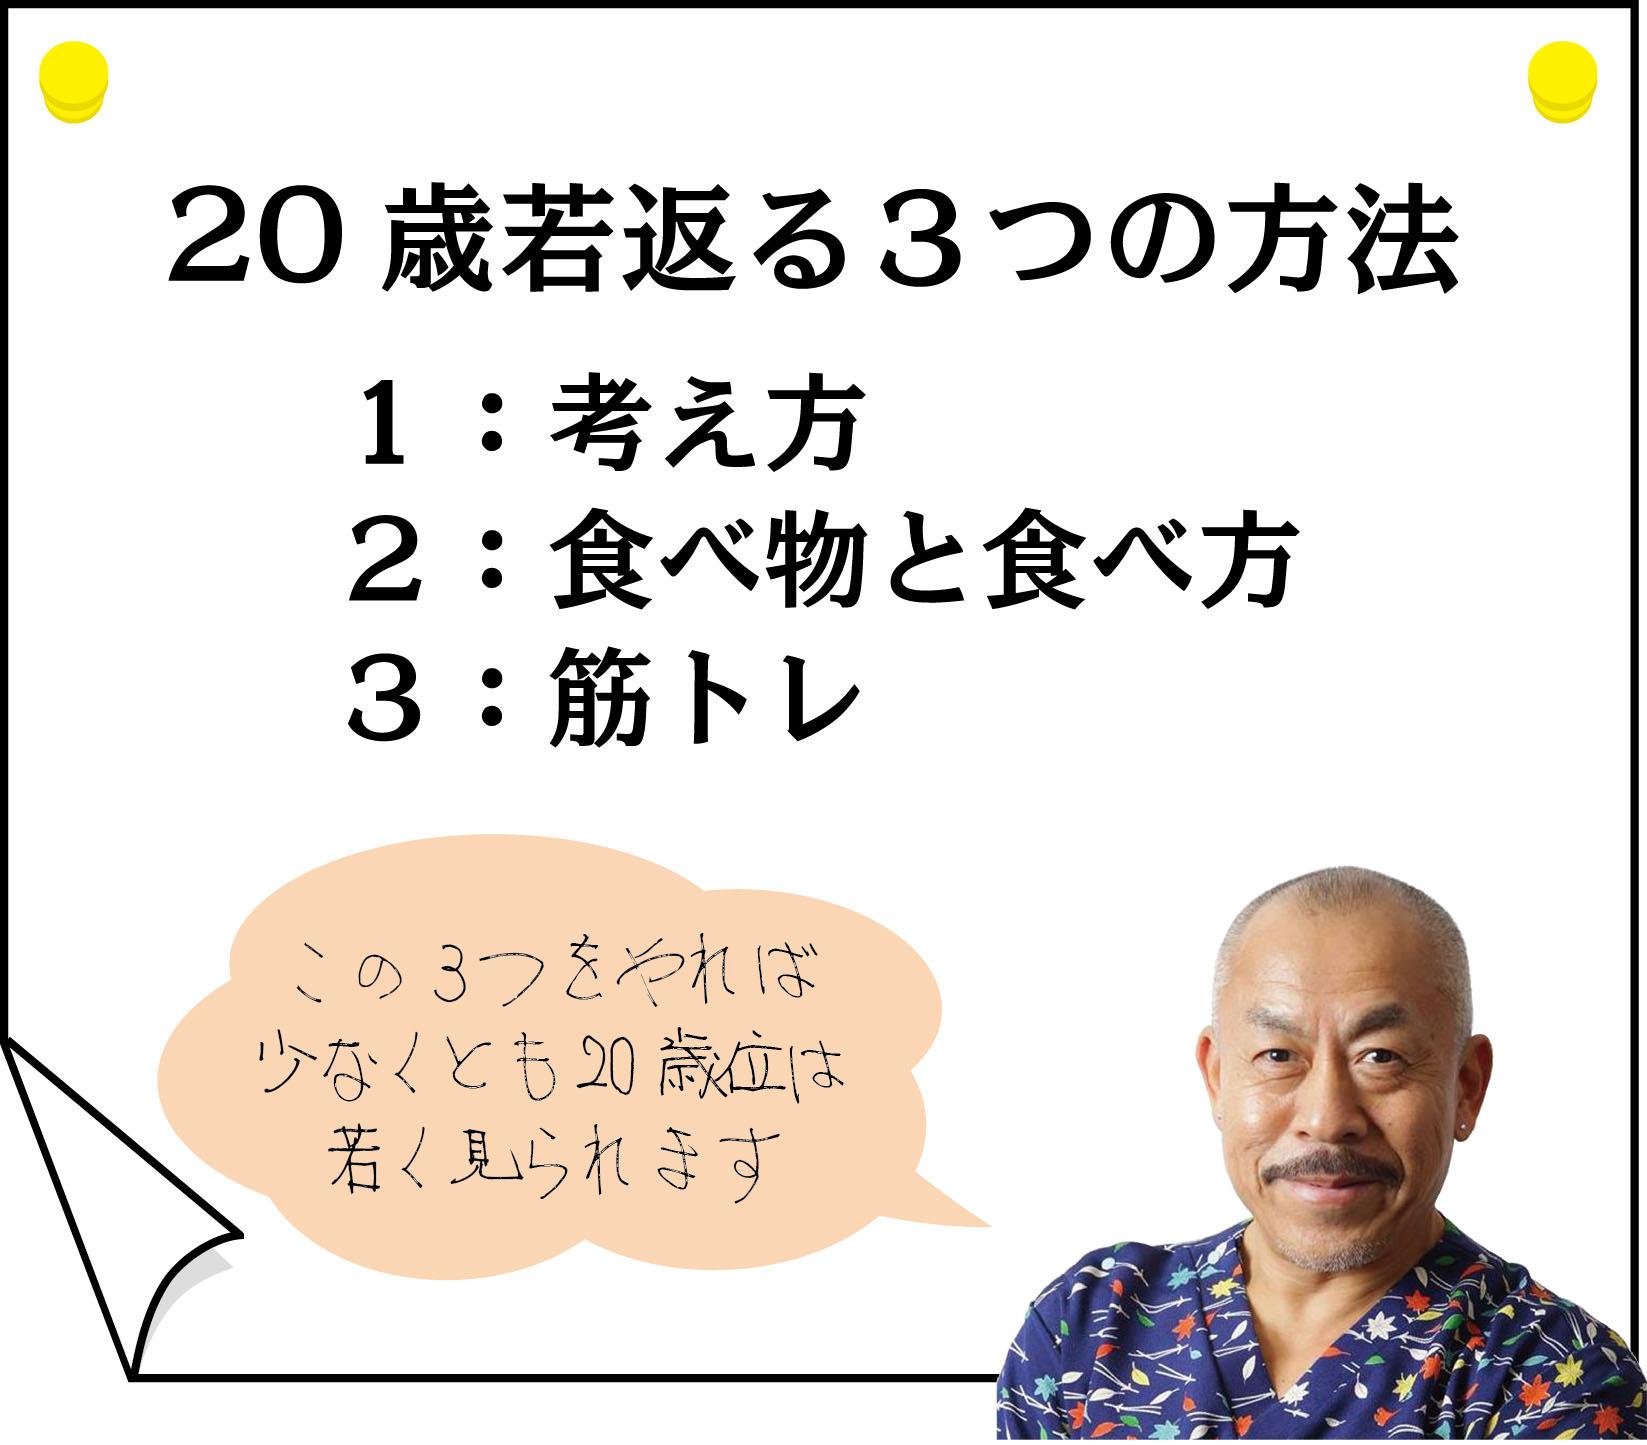 60から70代の男性が20歳若く見られる3つの方法